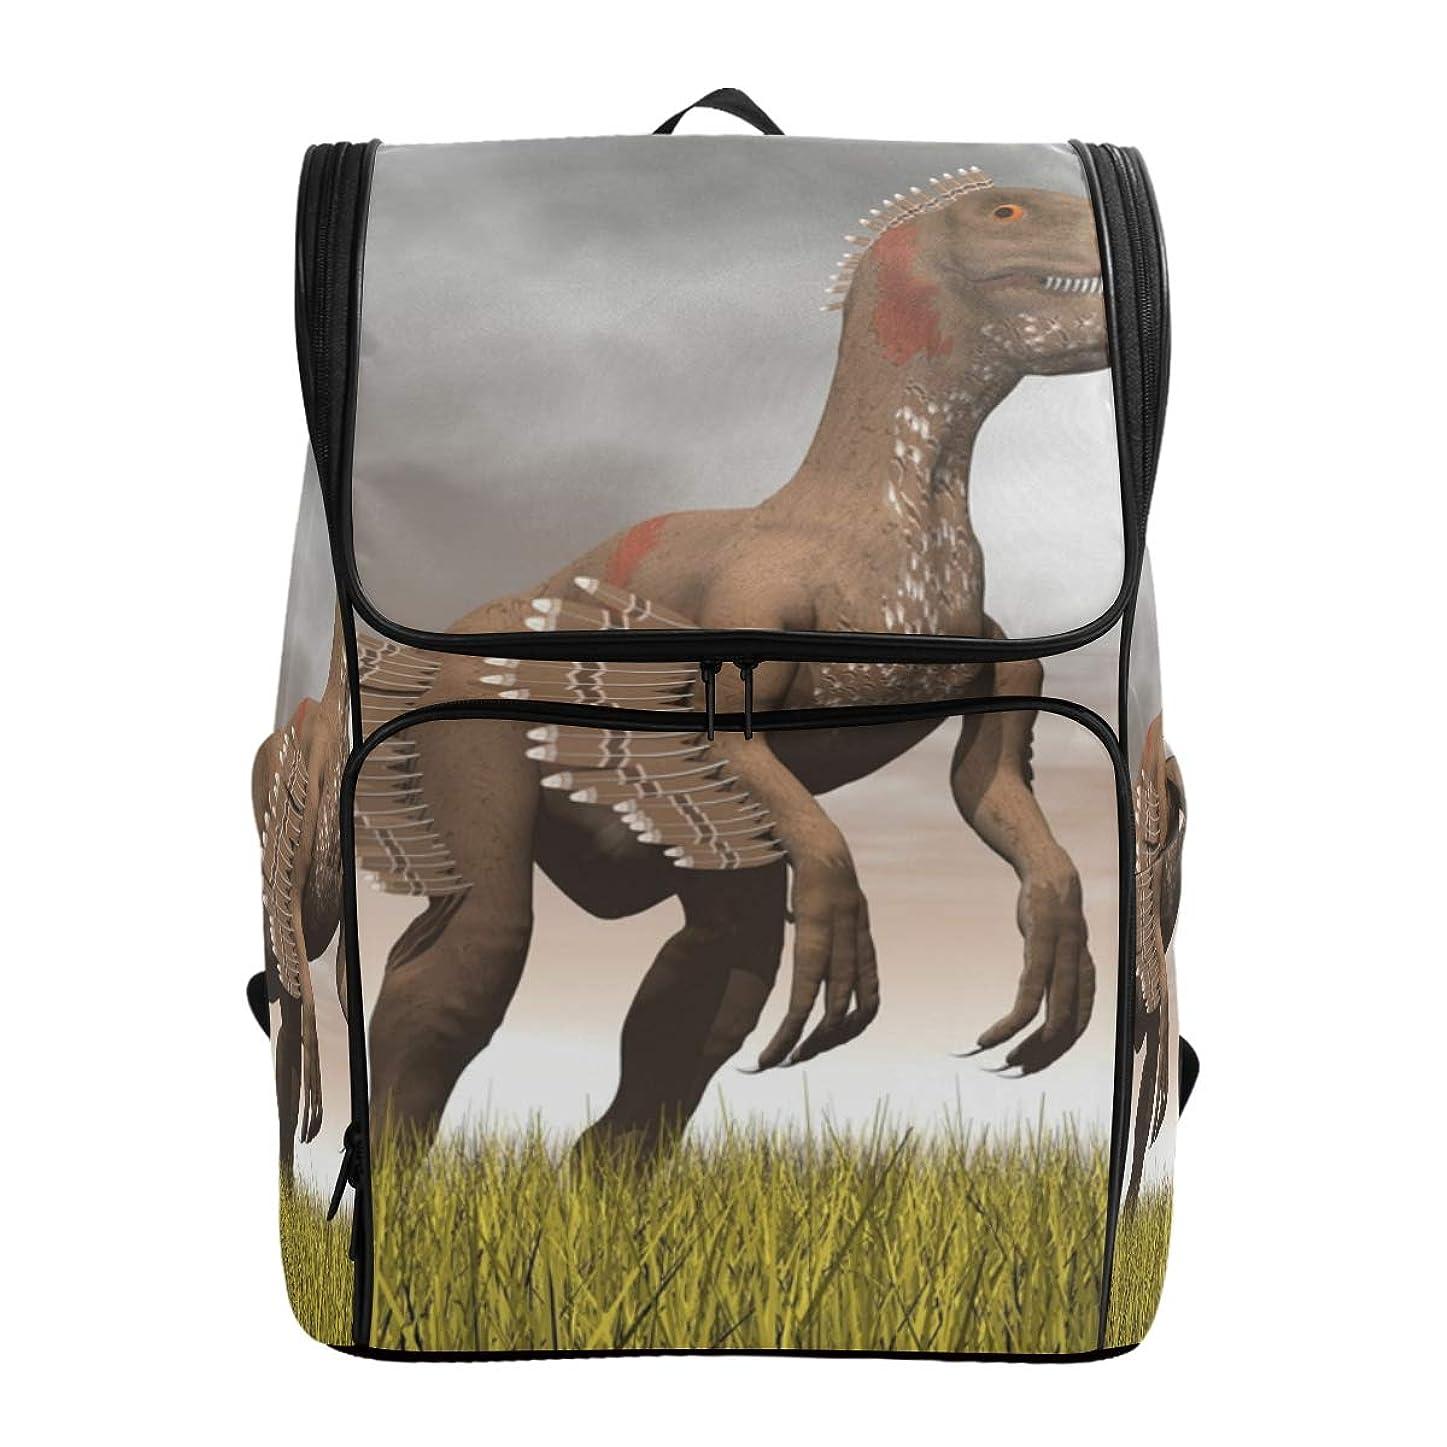 配分あいまいさ想起リュックレディース メンズ 黒 Velociraptor Dinosaur 通勤 outdoor 軽量?大容量?防水加工 修学旅行 登山 ビジネス 薄型リュック pc リュック カジュアル 男女兼用